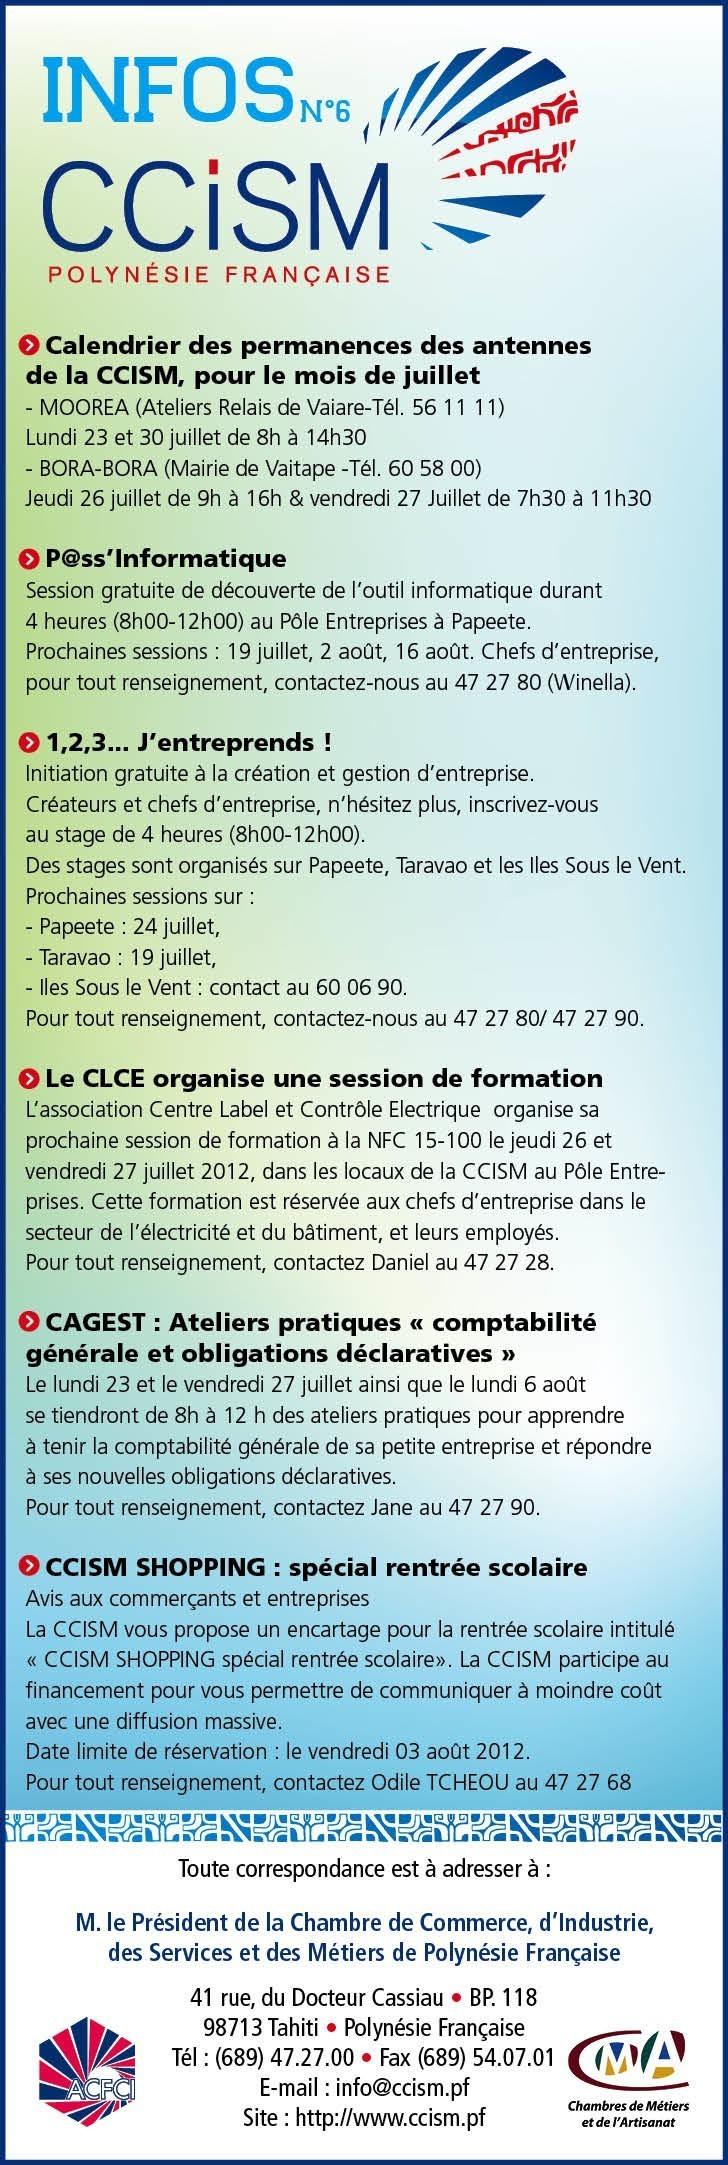 Infos CCISM N°6